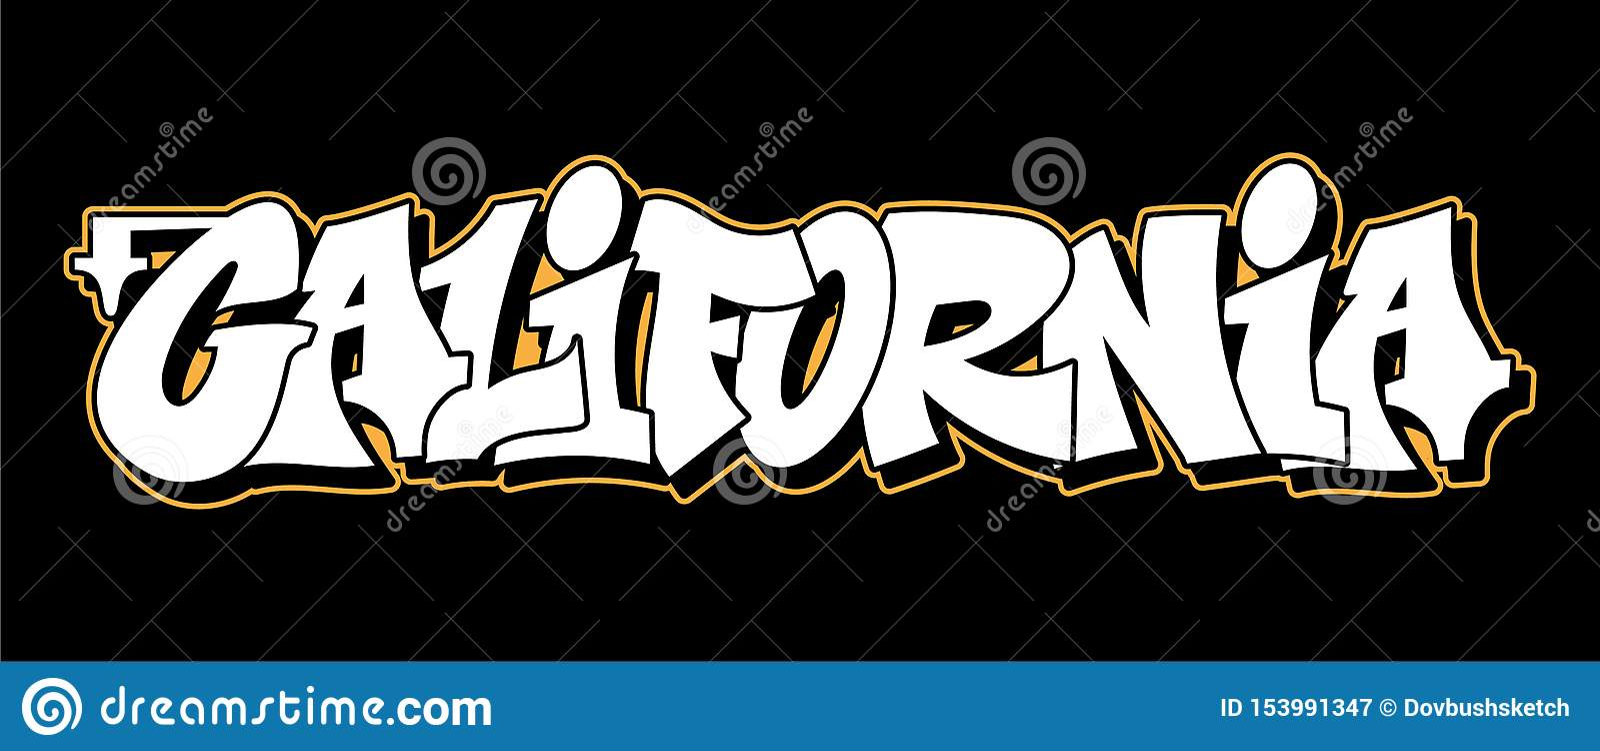 Projeto do texto da rotulação do estilo dos grafittis